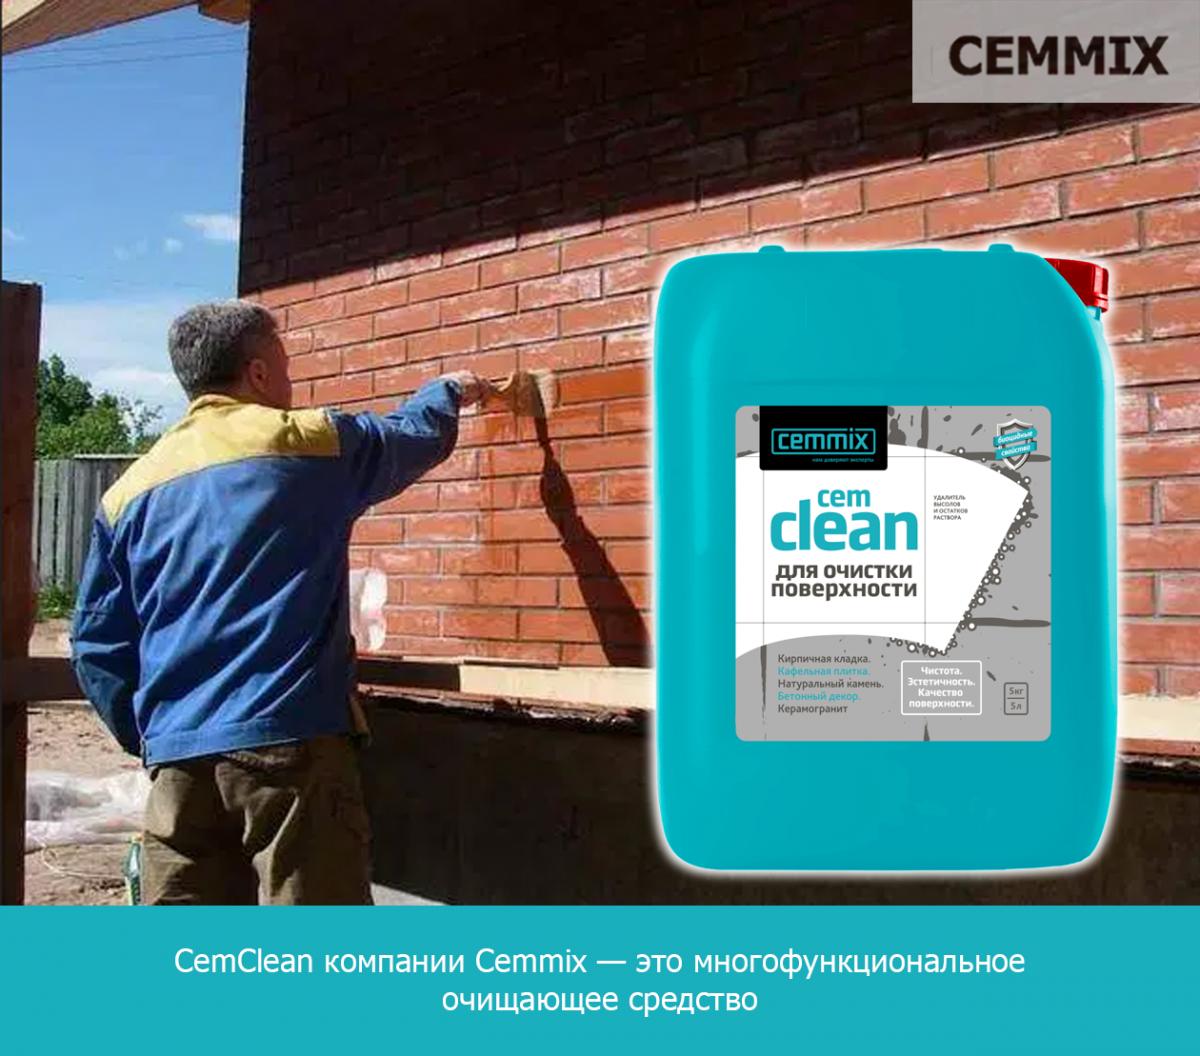 CemClean компании Cemmix — это многофункциональное очищающее средство